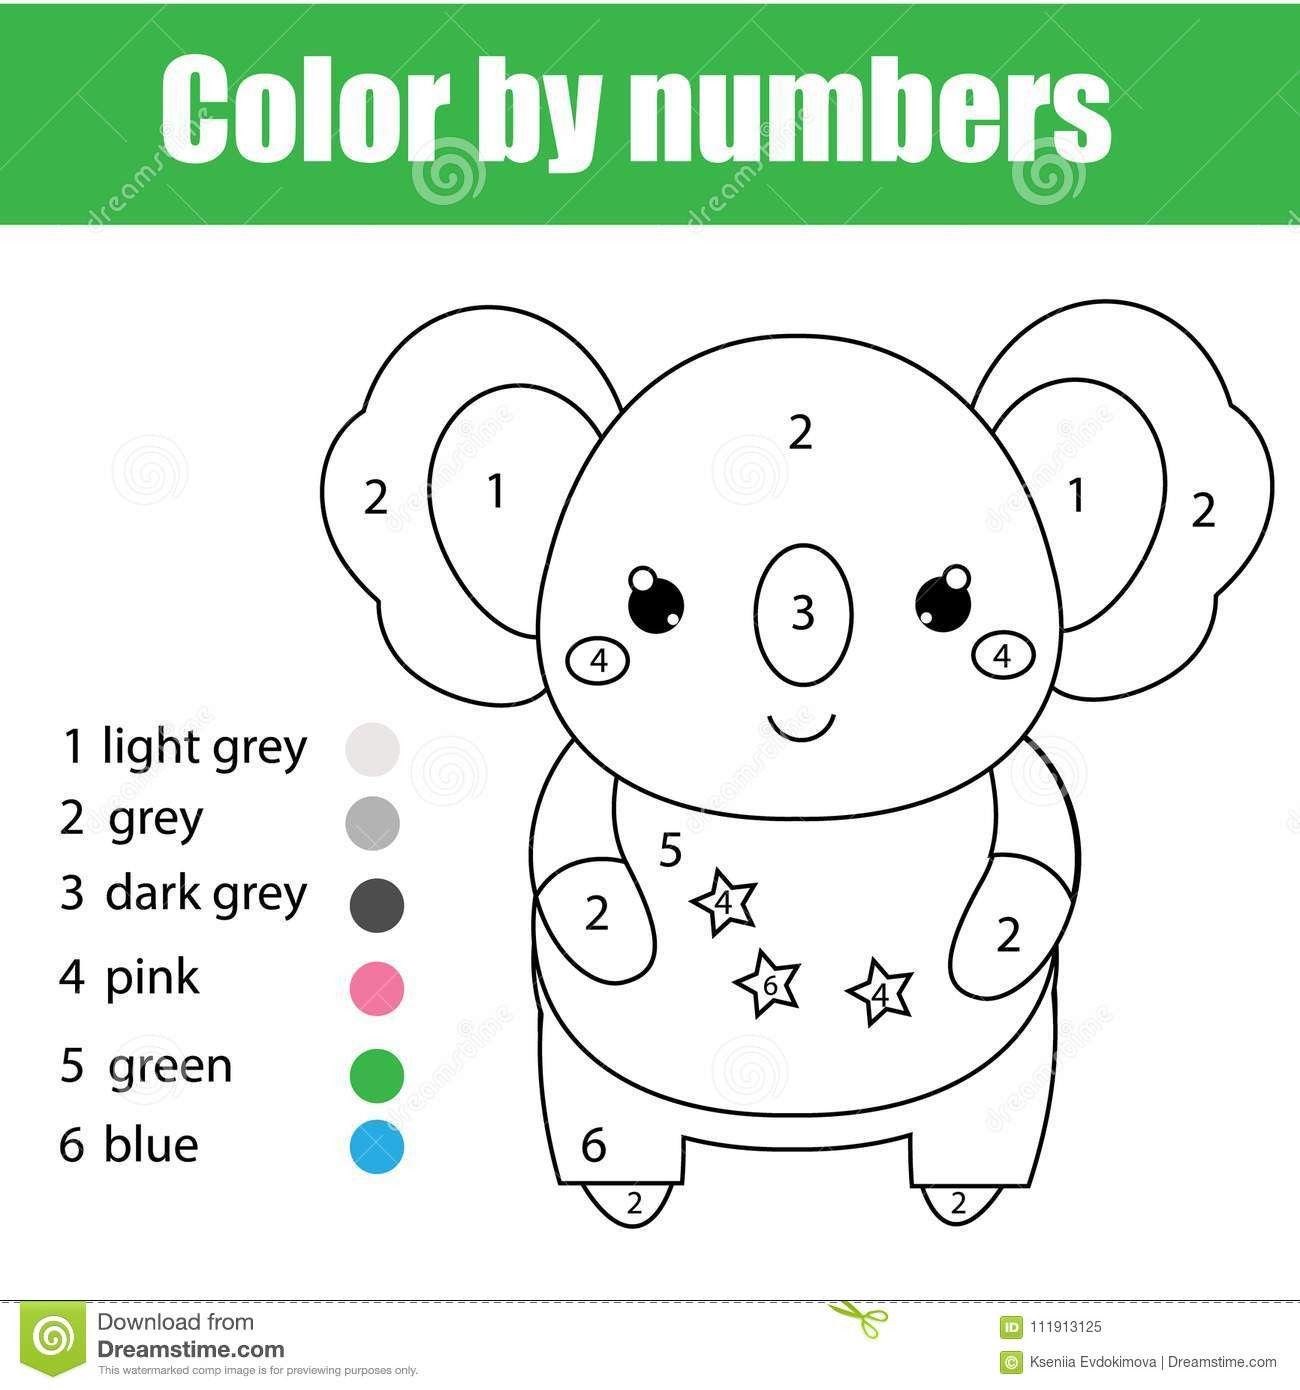 15 Color By Number Worksheets For Kindergarten